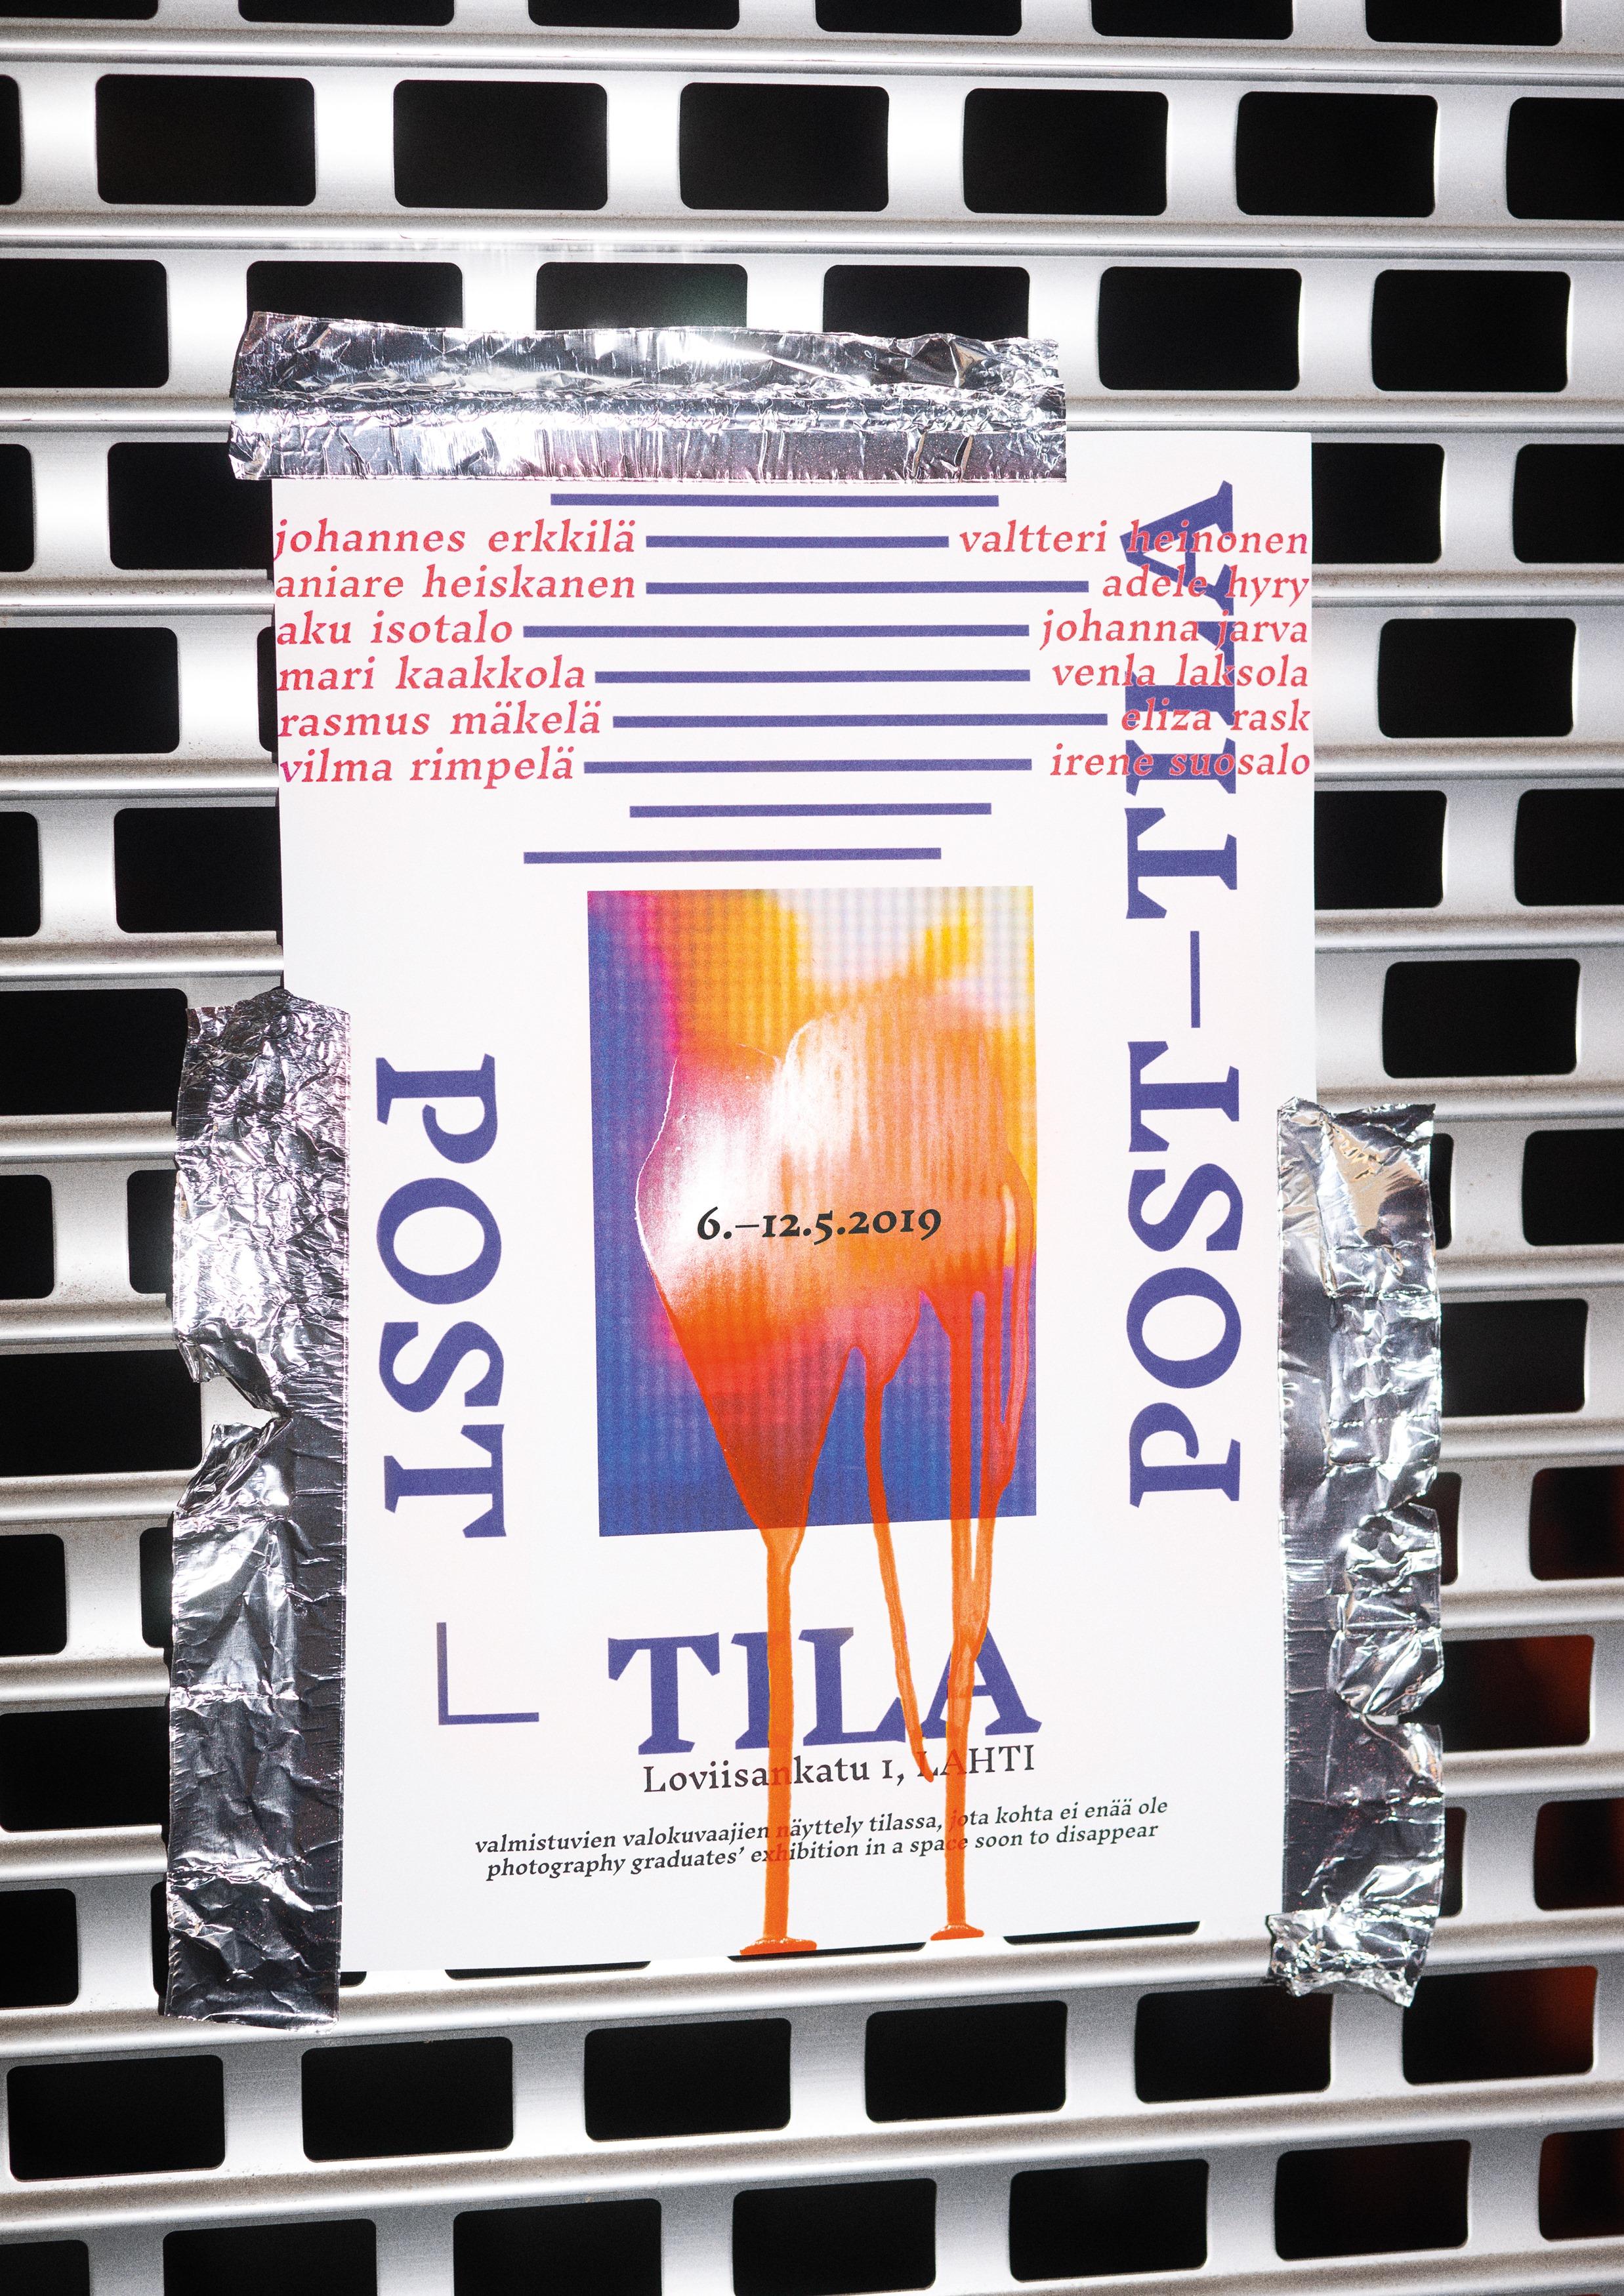 Post-tila   Post-tila (Post-space) is an exhibition by the photography graduates from Lahti Institute of Design, held in a space soon to disappear.  Graduation Exhibition @ Loviisankatu 1, Lahti  7.-12.5.2019 Tu–Fri at 12:00–19:00 Sat–Sun  at 11:00–17:00  The opening: Monday 6.5. at 18:00  Facebook event: Post-tila   Photographers: Johannes Erkkilä, Valtteri Heinonen, Aniare Heiskanen, Adele Hyry, Aku Isotalo, Johanna Jarva, Mari Kaakkola, Venla Laksola, Rasmus Mäkelä, Eliza Rask, Vilma Rimpelä, Irene Suosalo